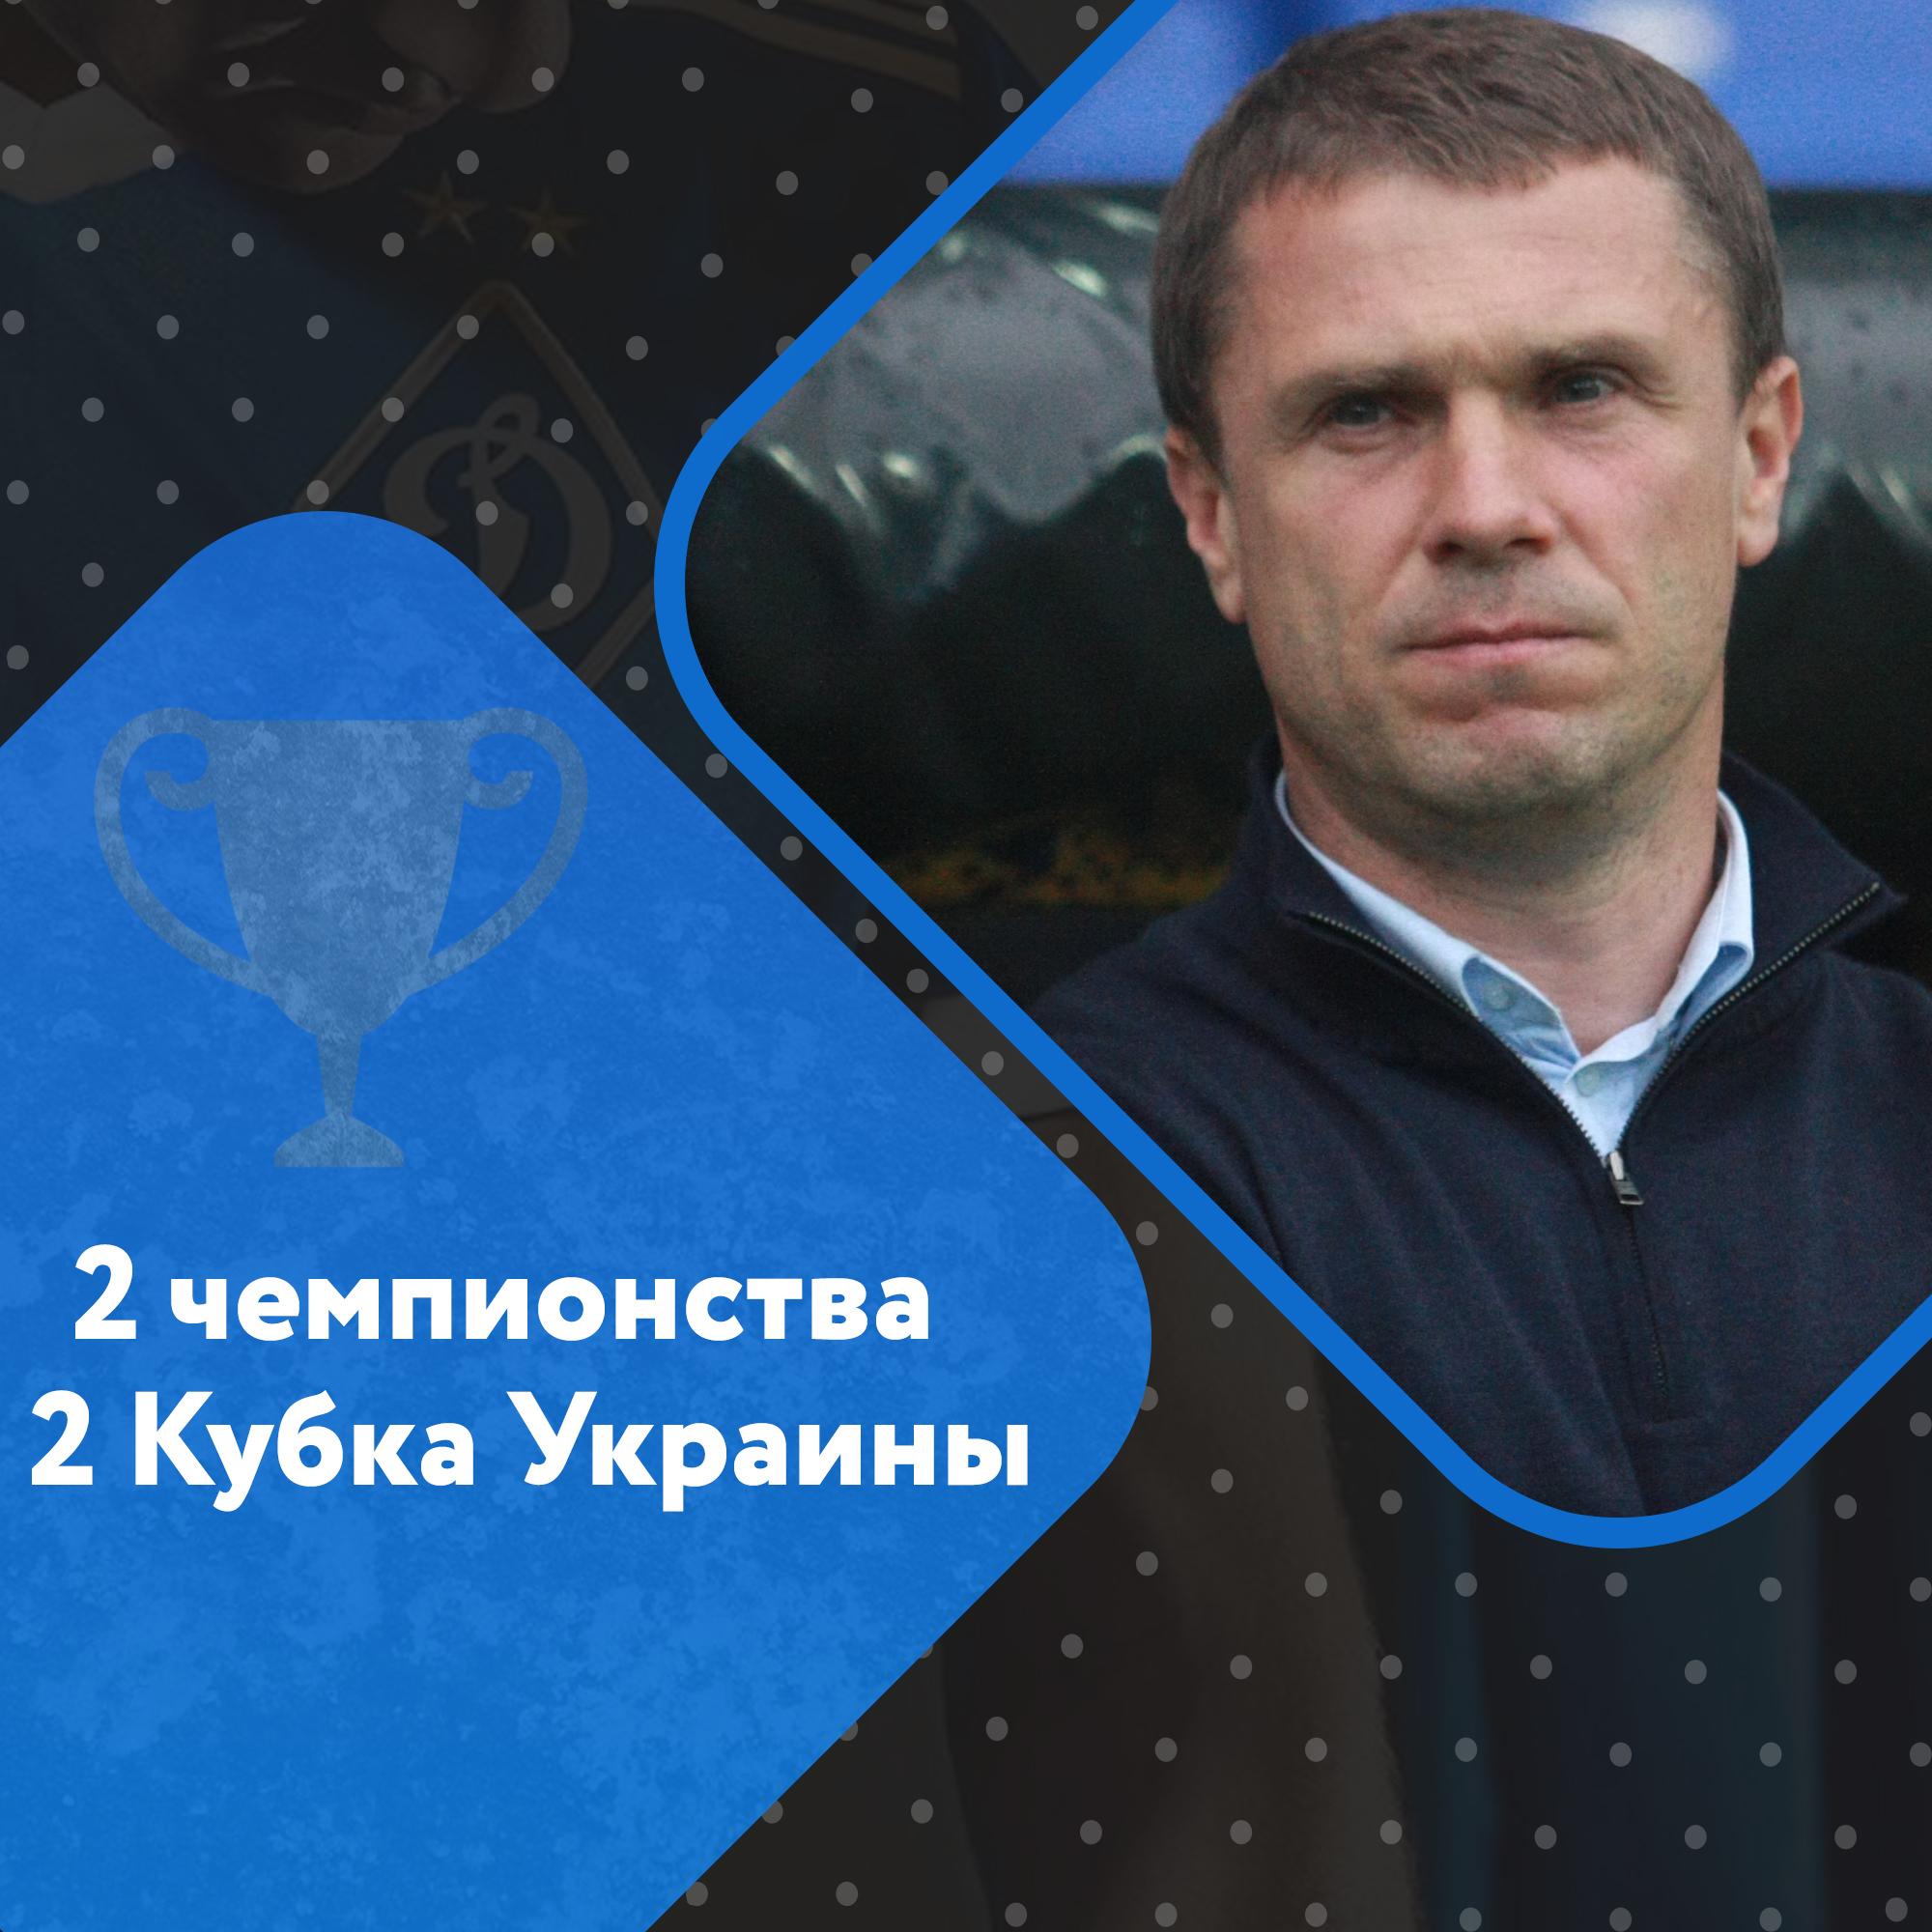 Тренеры «Шахтера» и «Динамо» за последние 15 лет: 29:17 - изображение 5